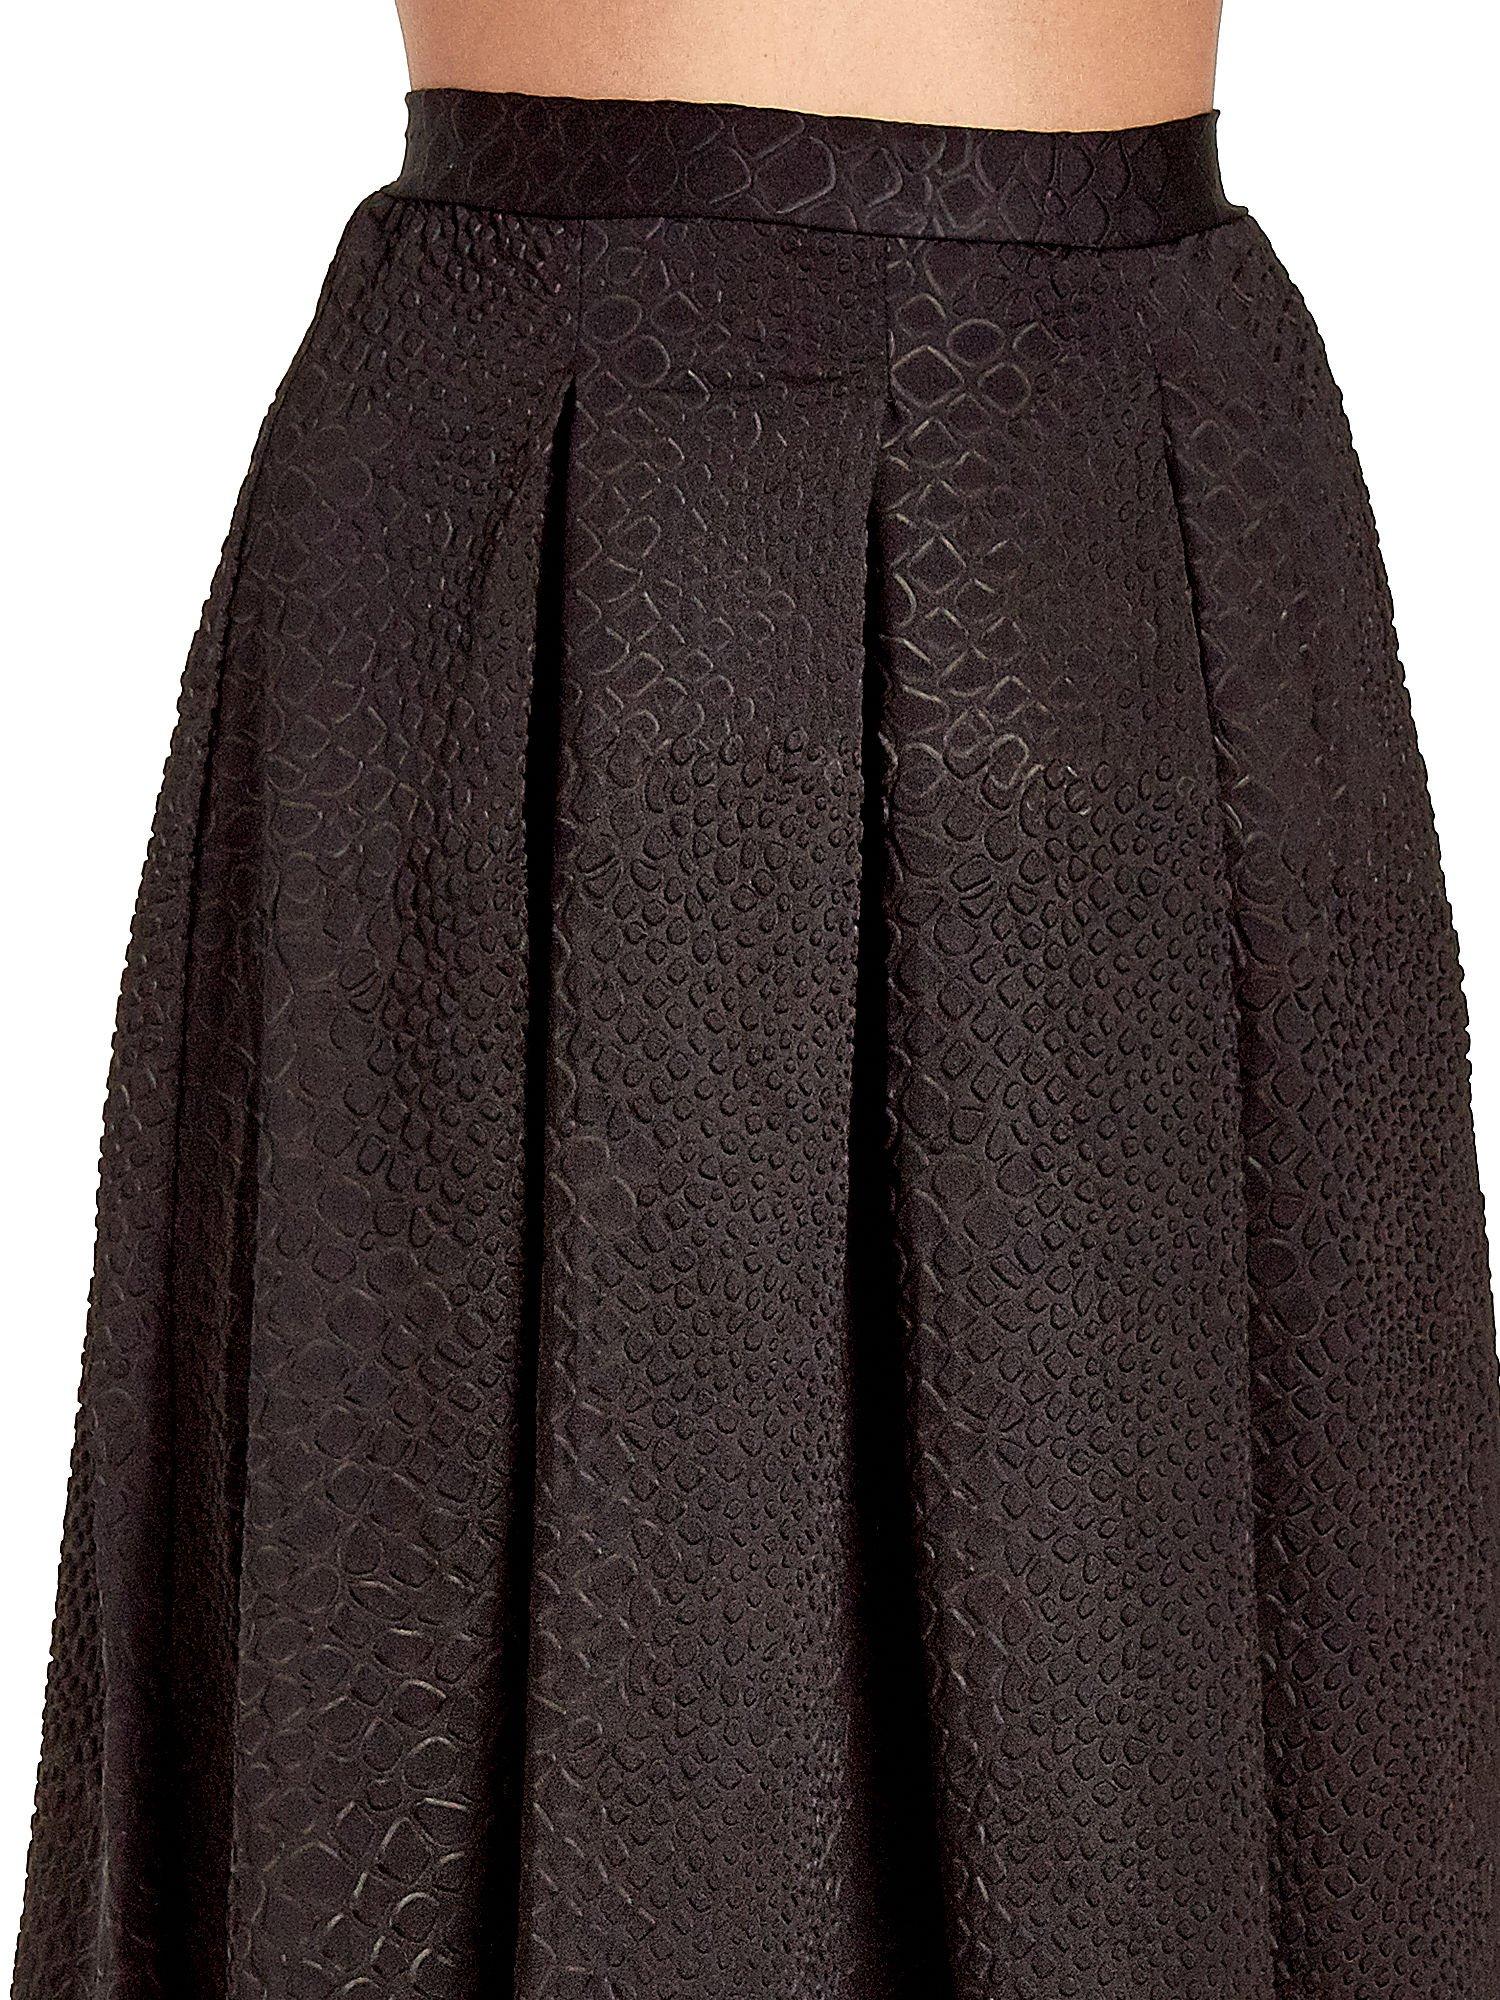 Czarna spódnica midi z kontrafałdami we wzór skóry węża                                  zdj.                                  5